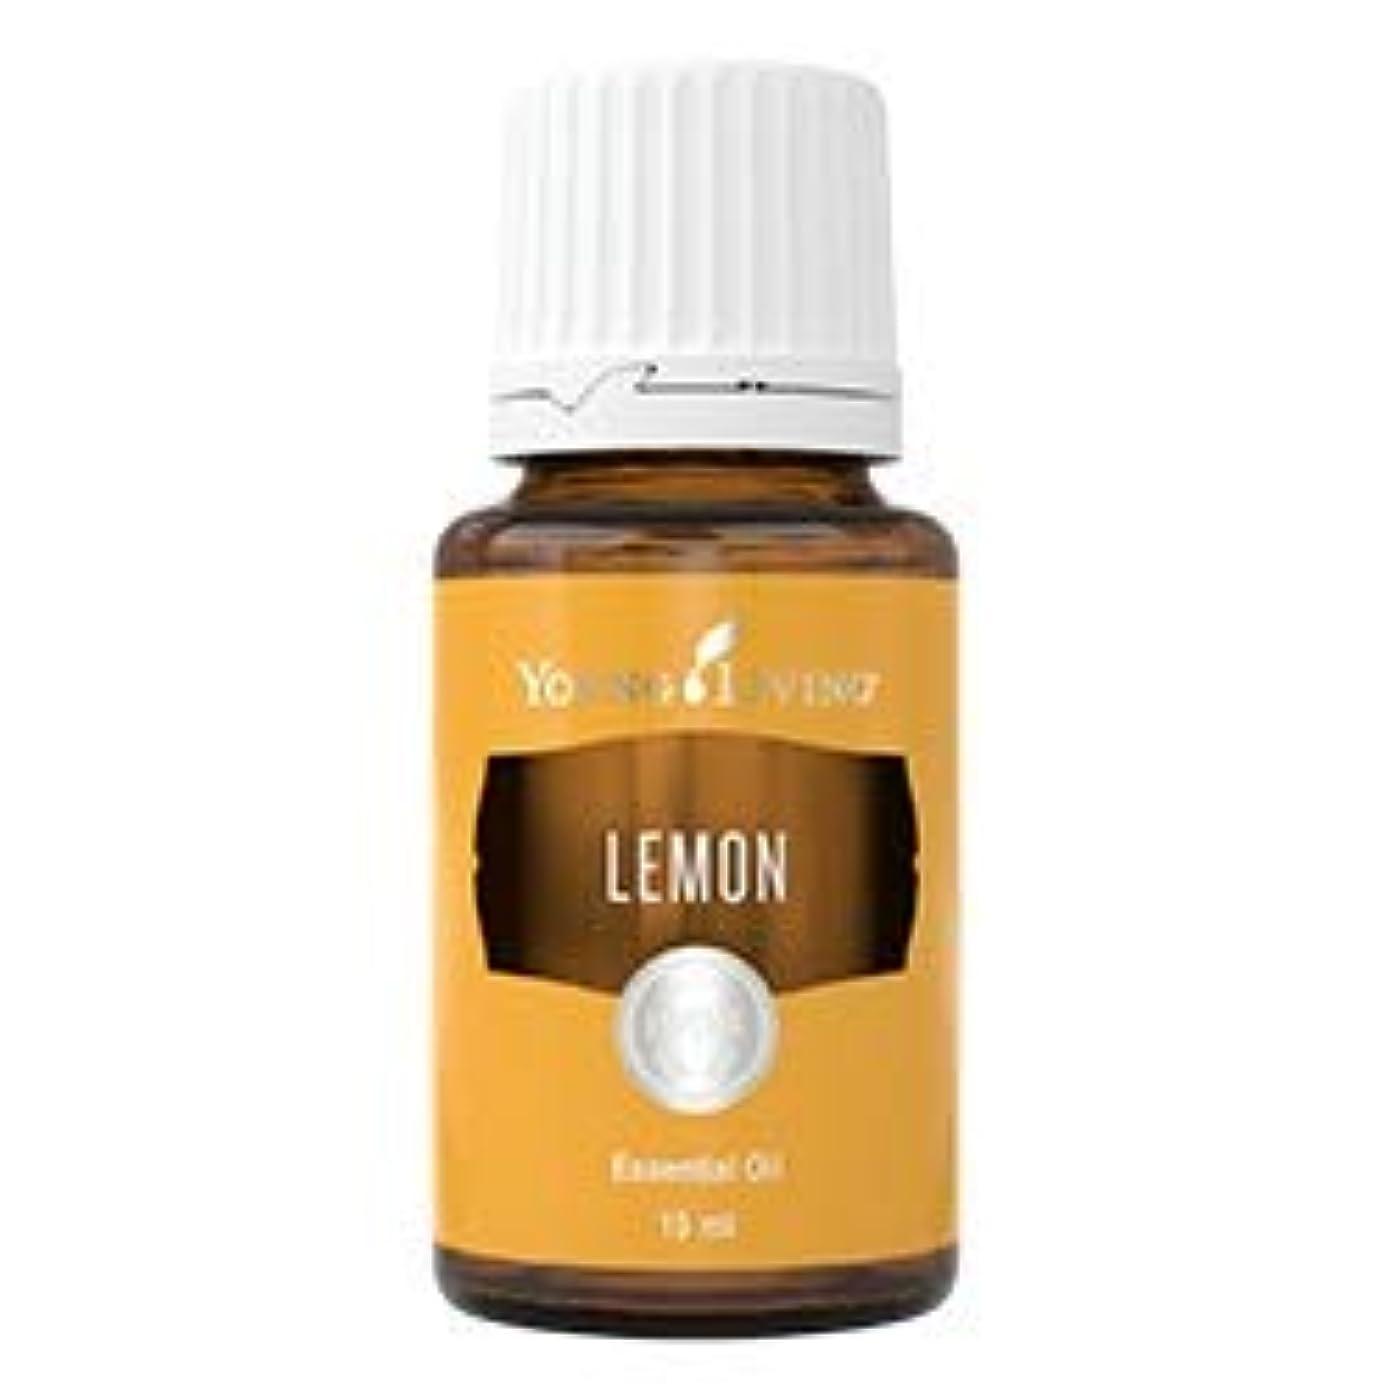 死傷者彼女イヤホンレモンエッセンシャルオイル15 ml byヤングリビングエッセンシャルオイルマレーシア Lemon Essential Oil 15 ml by Young Living Essential Oil Malaysia